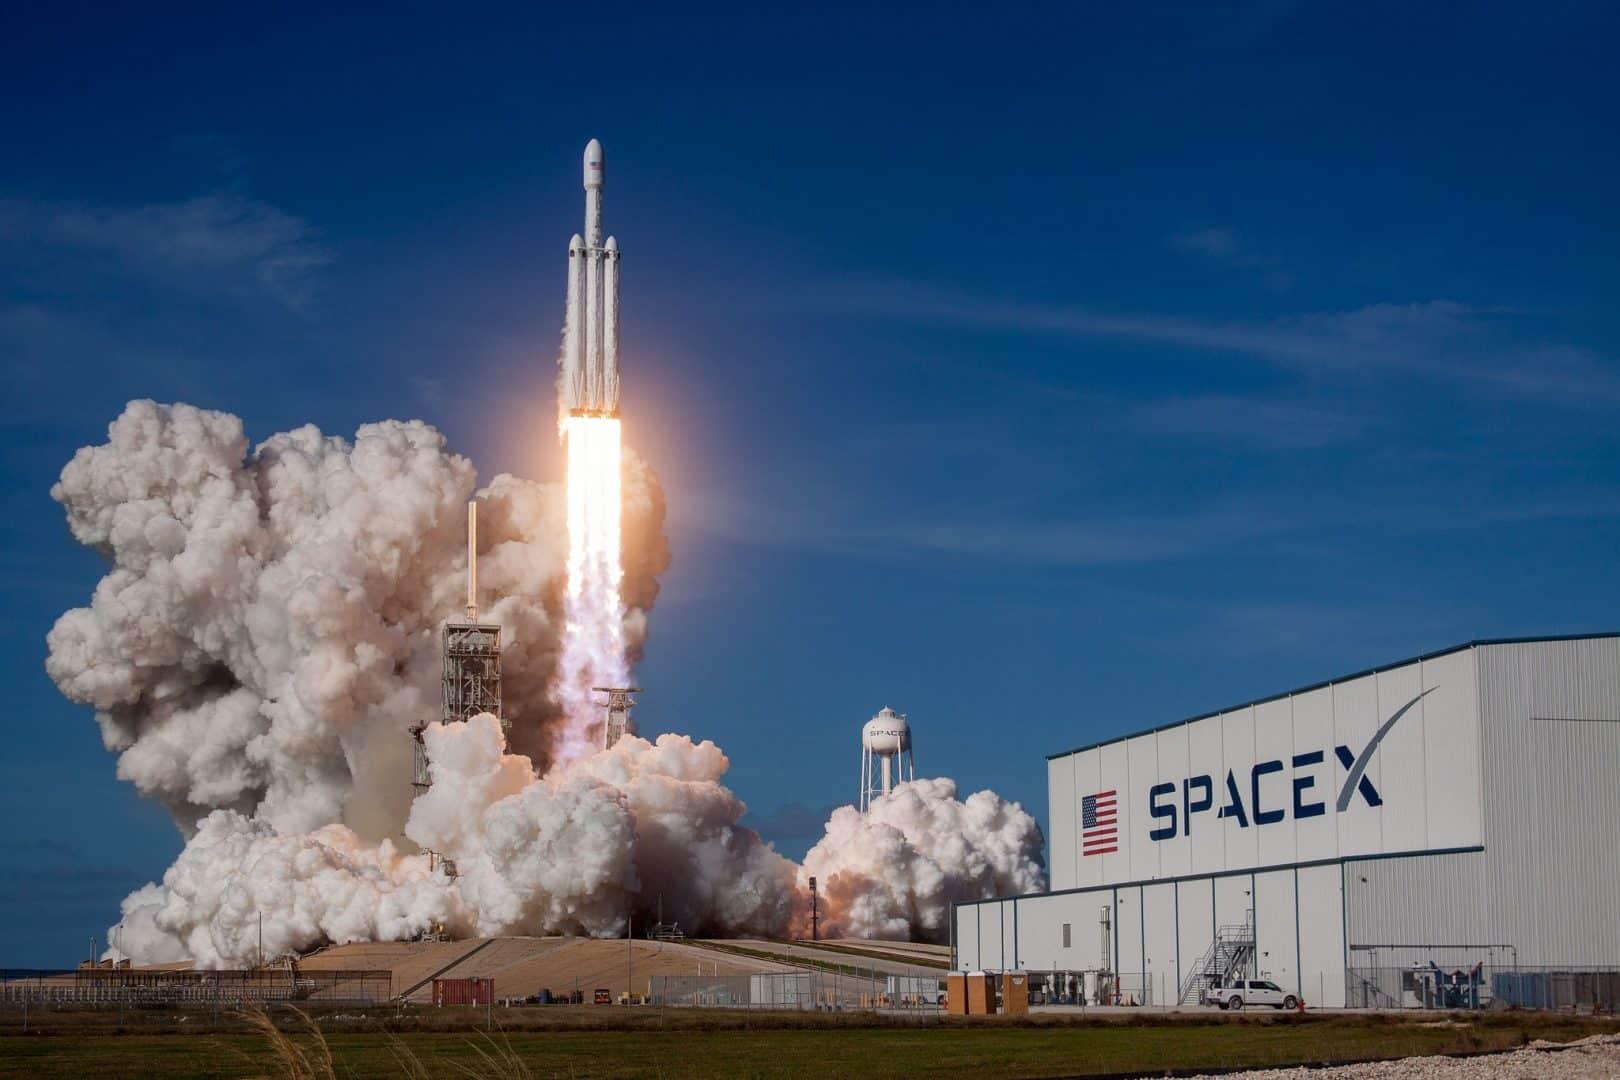 SpaceX - História, pioneirismo e exploração espacial sustentável